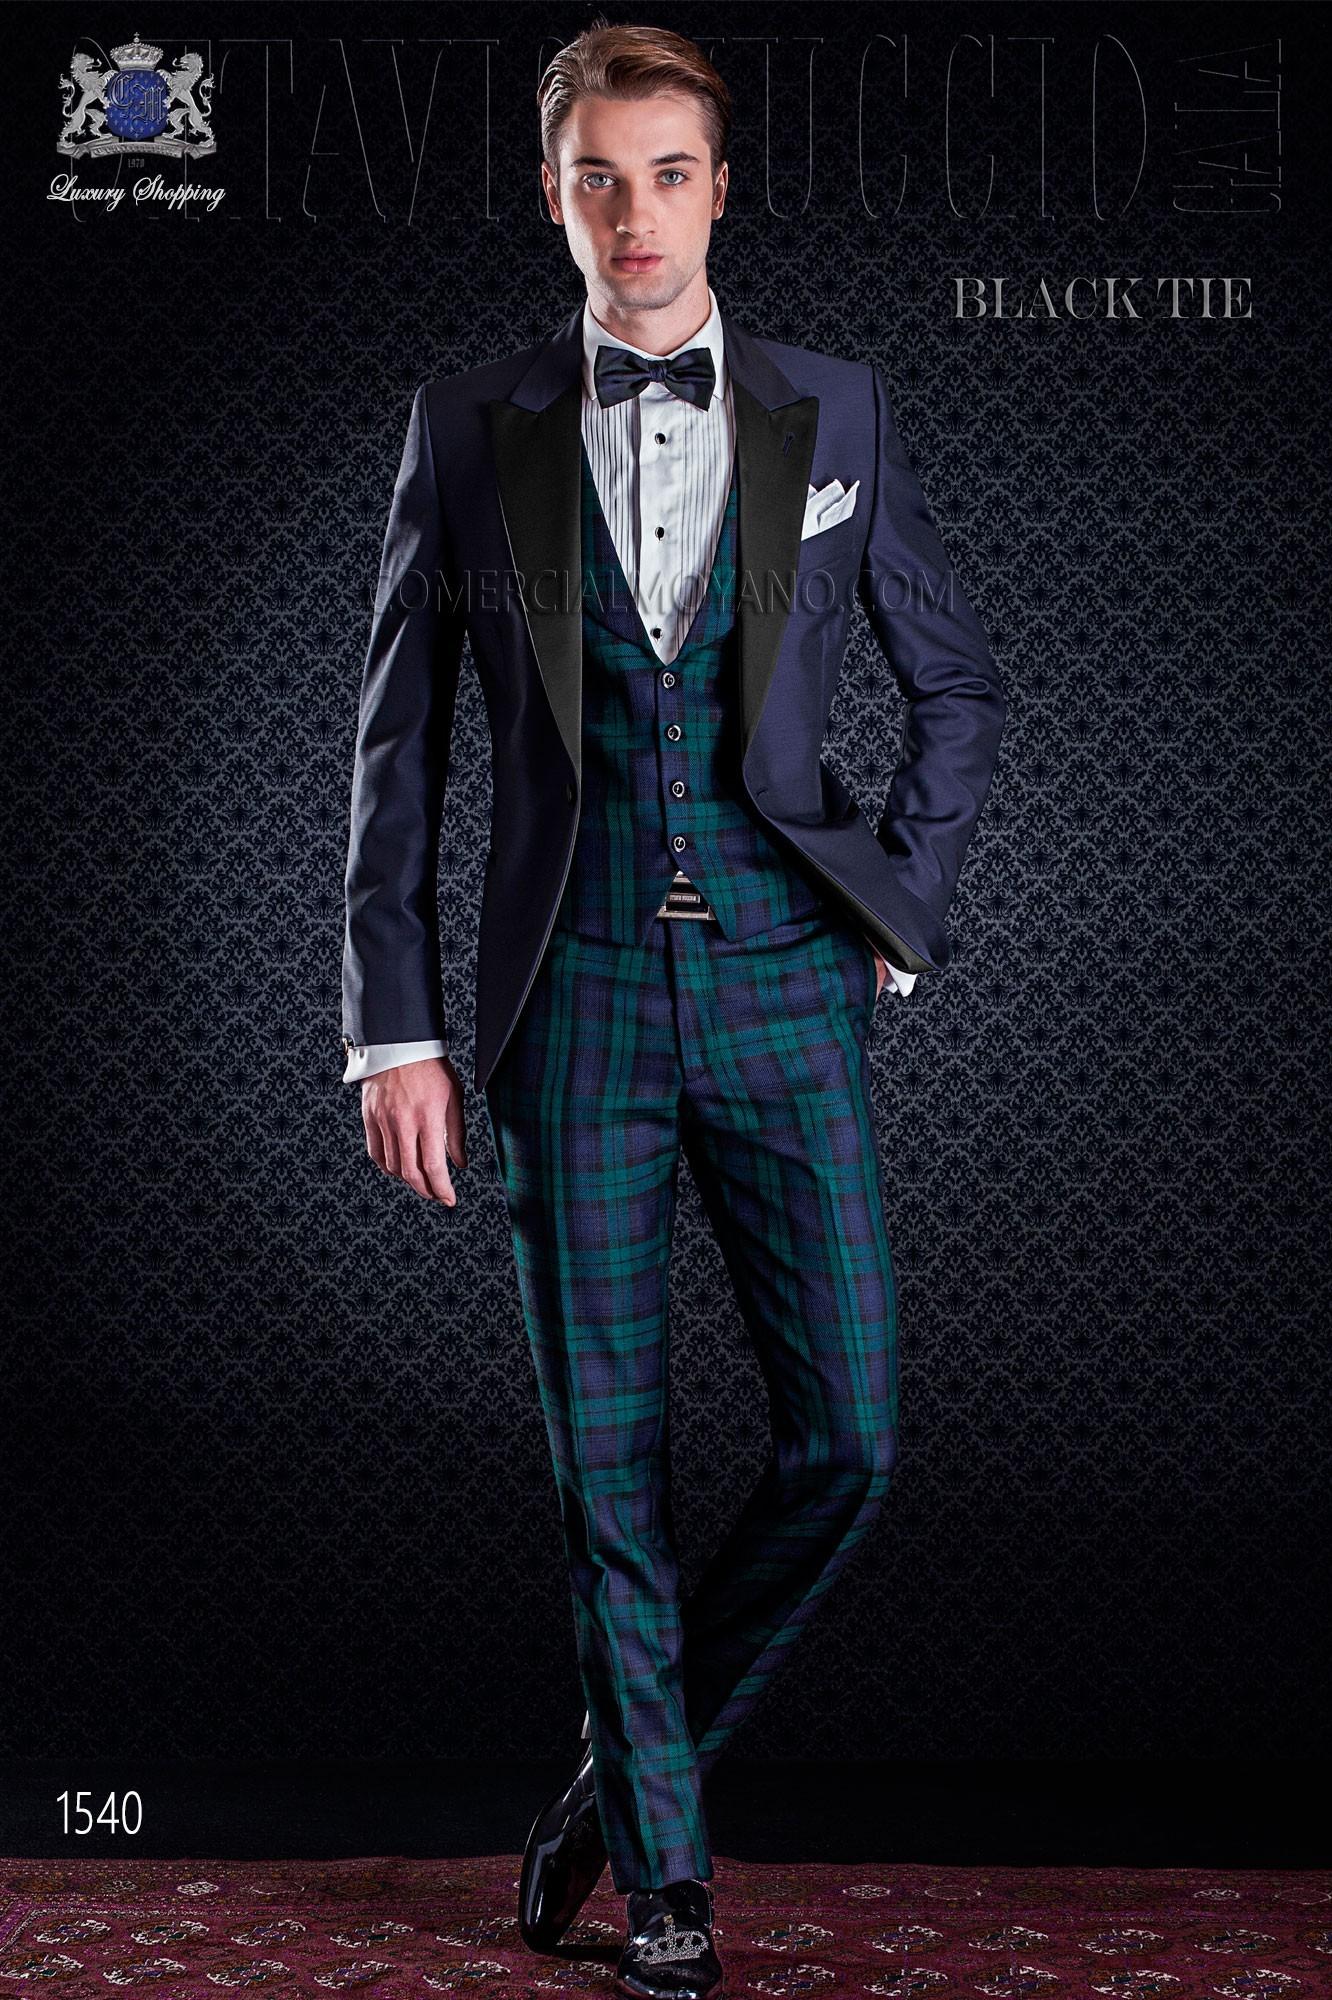 Esmoquin italiano de novio azul combinado con pantalón de tartan modelo: 1540 Ottavio Nuccio Gala colección Black Tie 2017